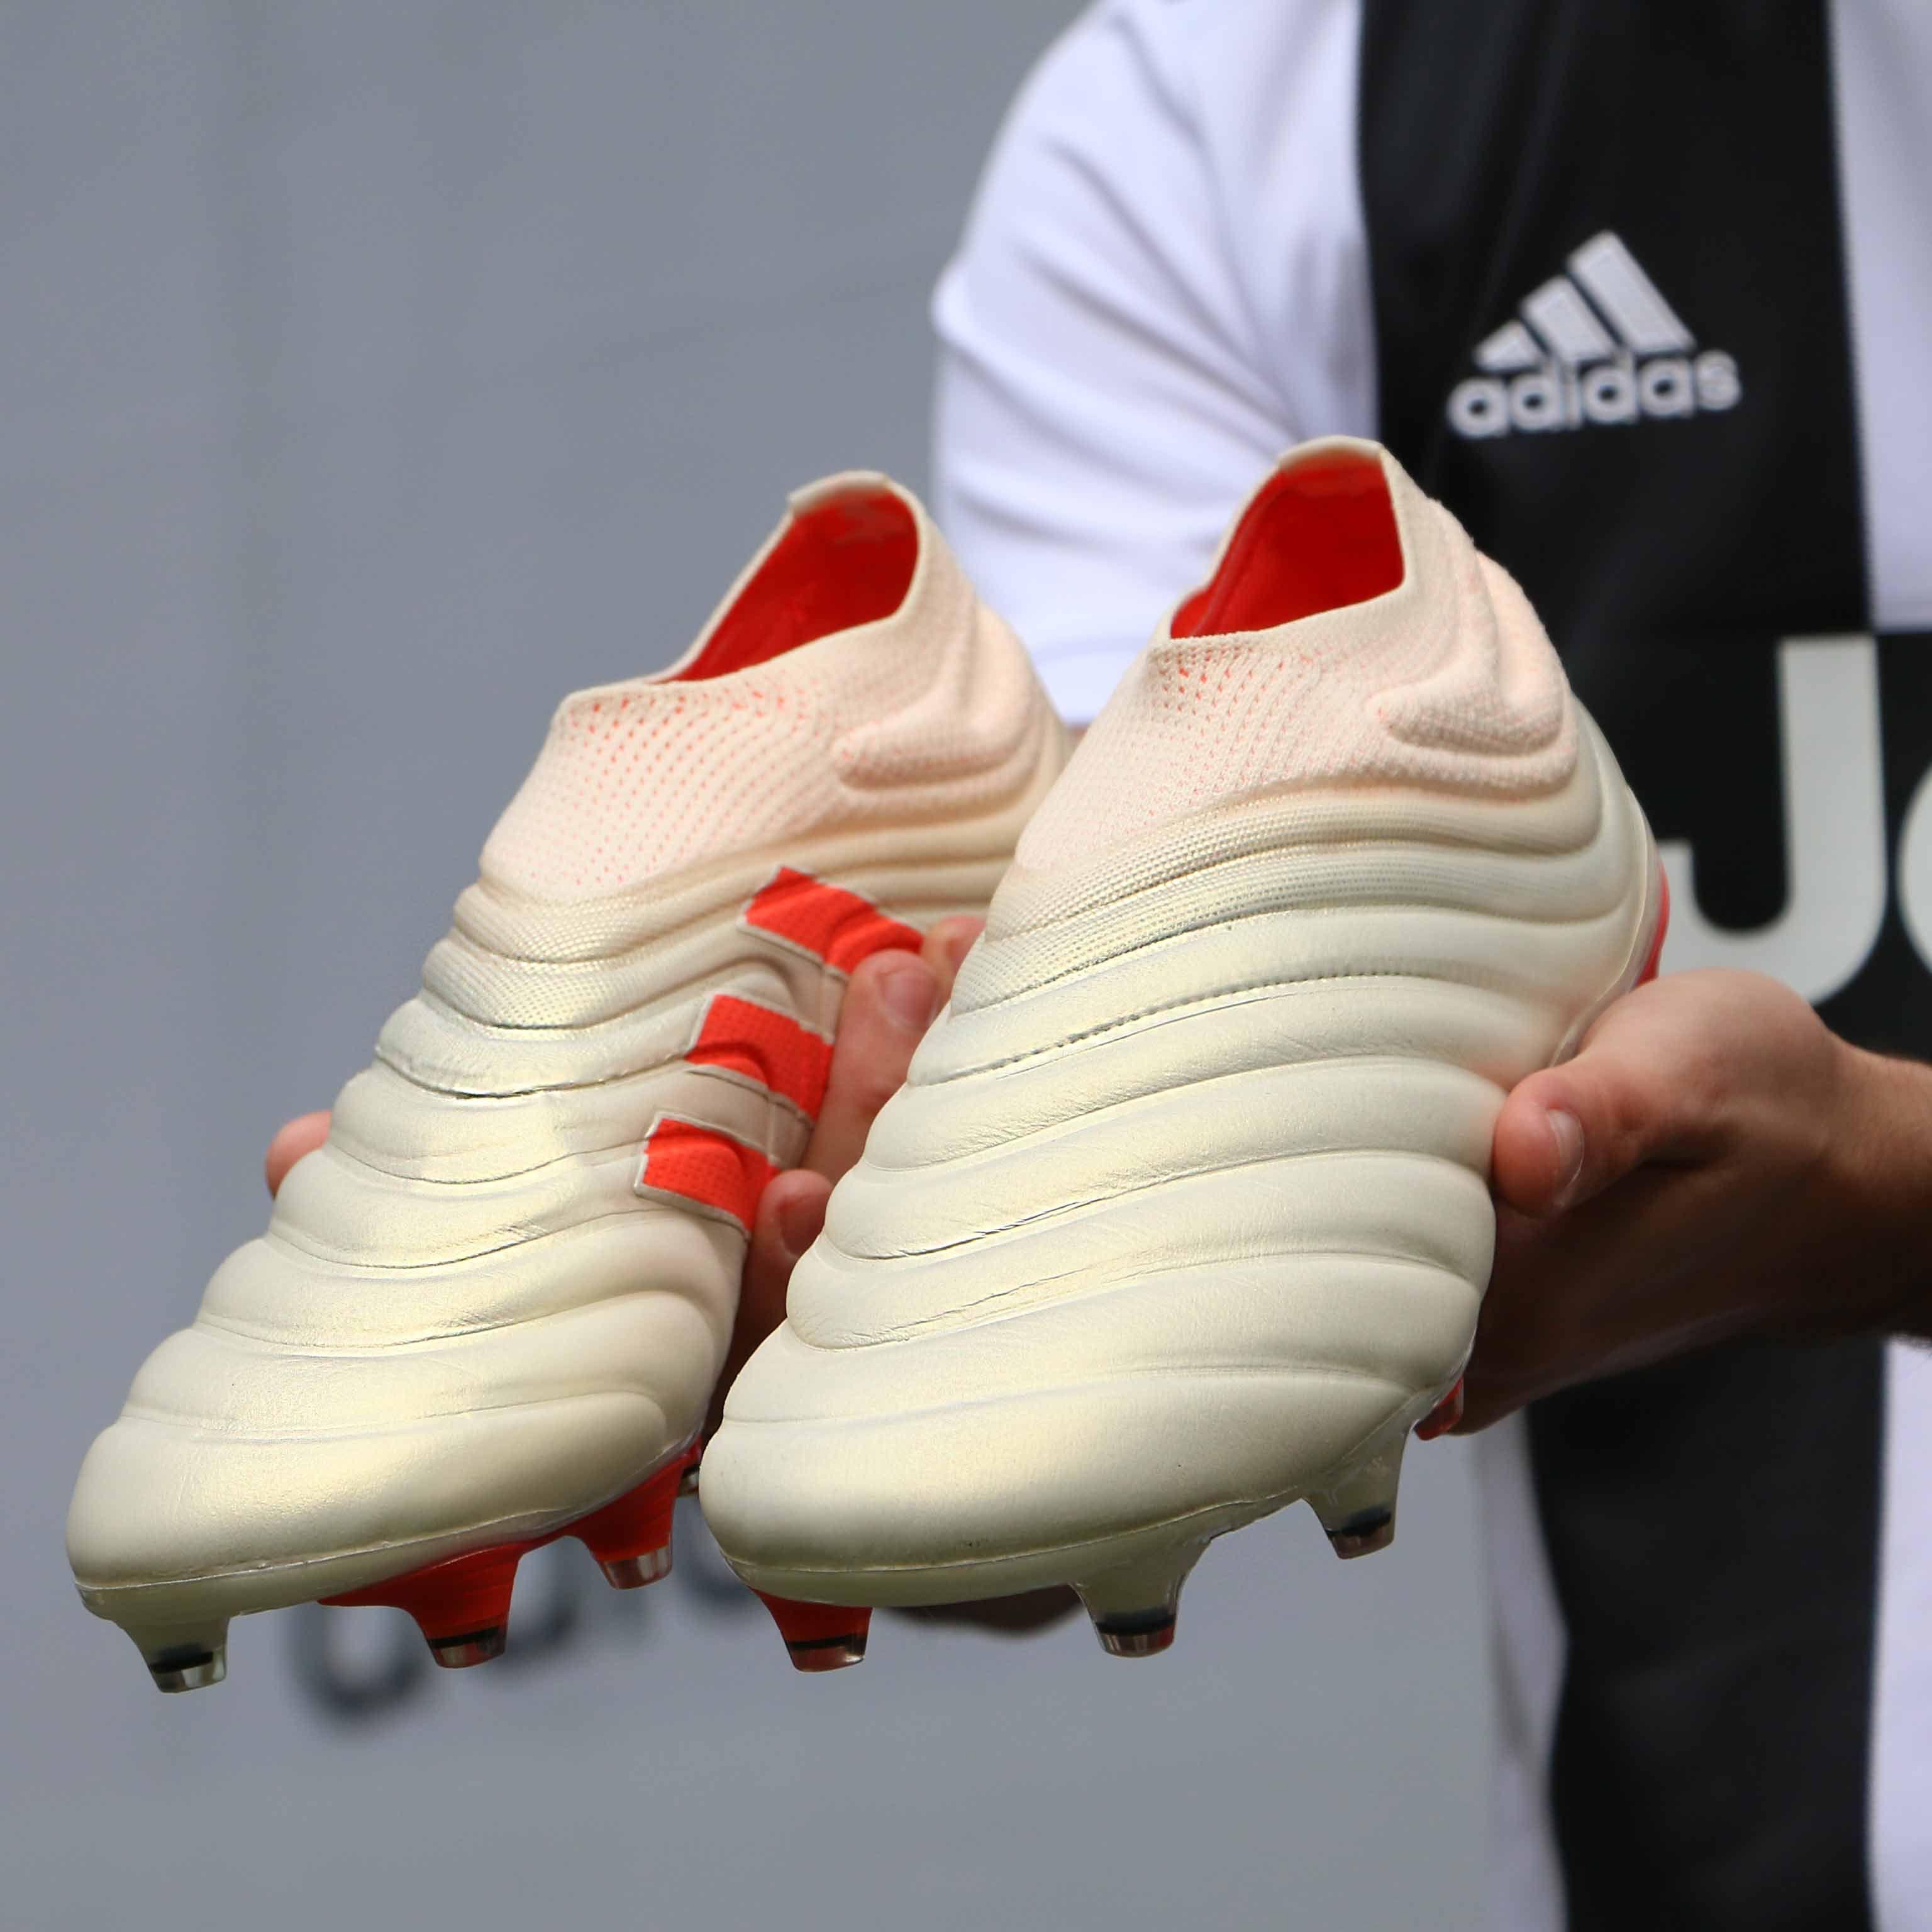 pico Aptitud Camion pesado  adidas Copa | Botas adidas, Zapatos de futbol adidas, Adidas